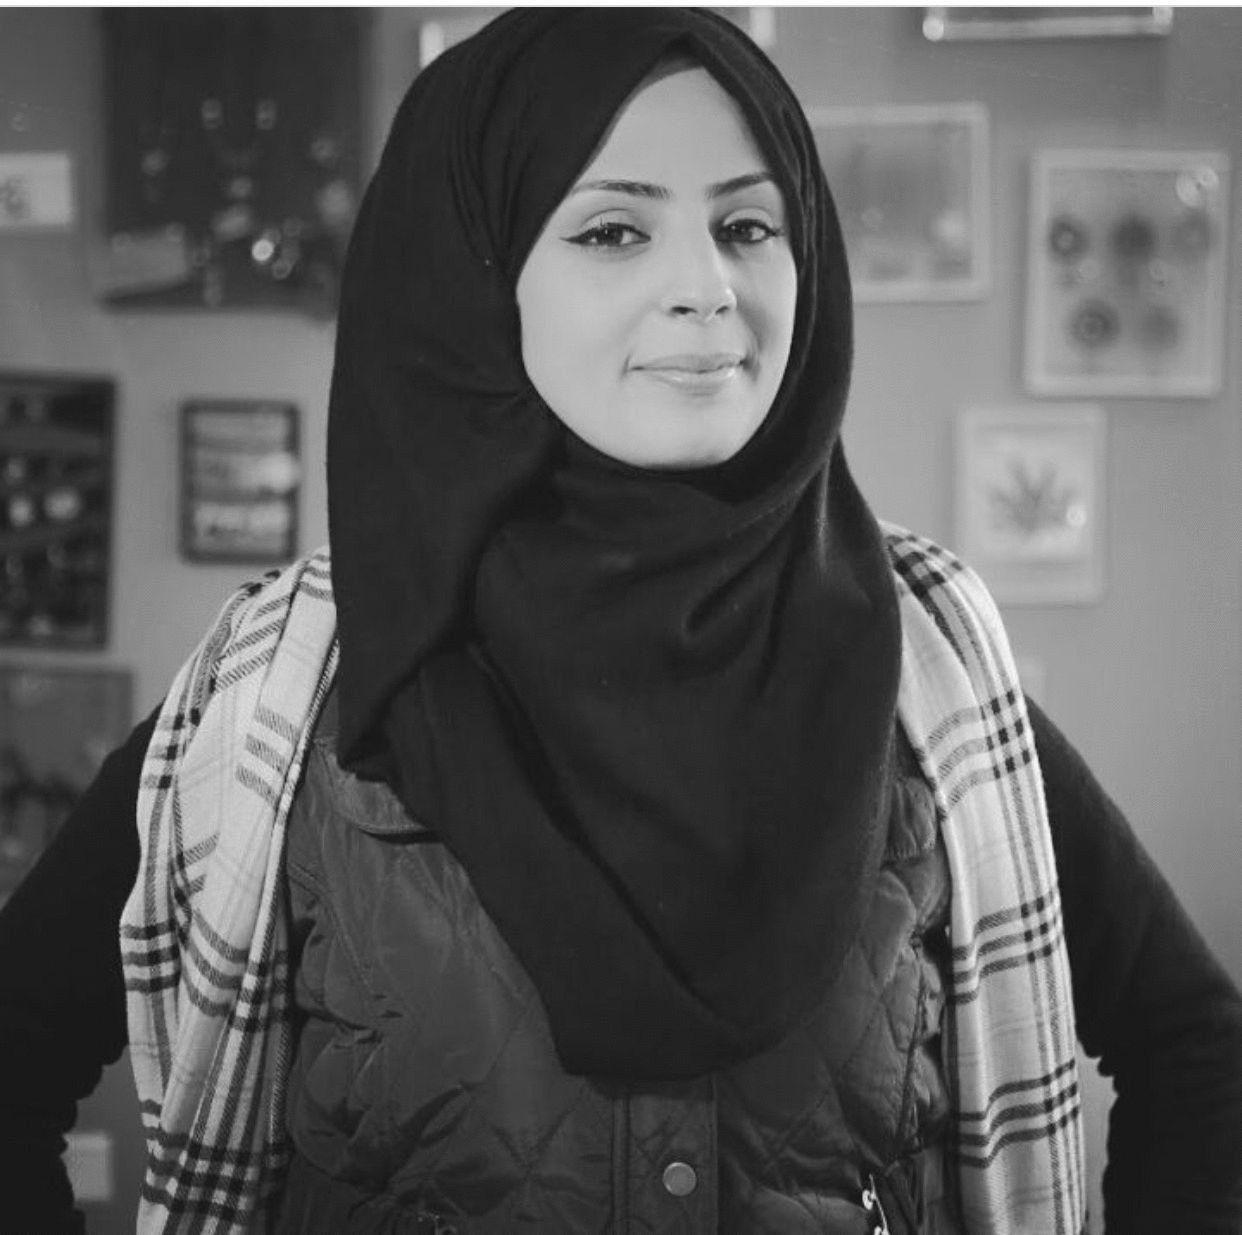 إسراء إسماعيل الأحمد Headshot